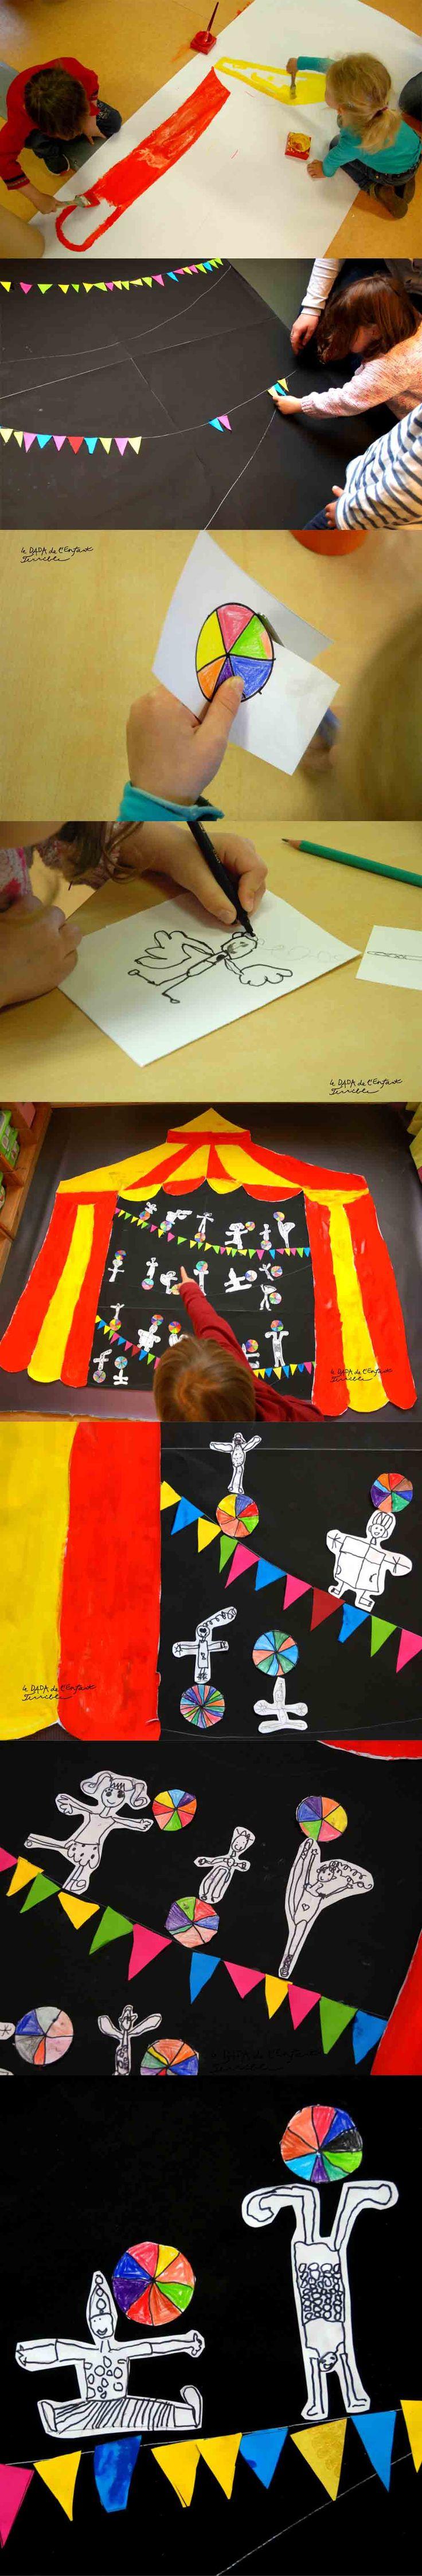 Cirque - projet de classe, école maternelle